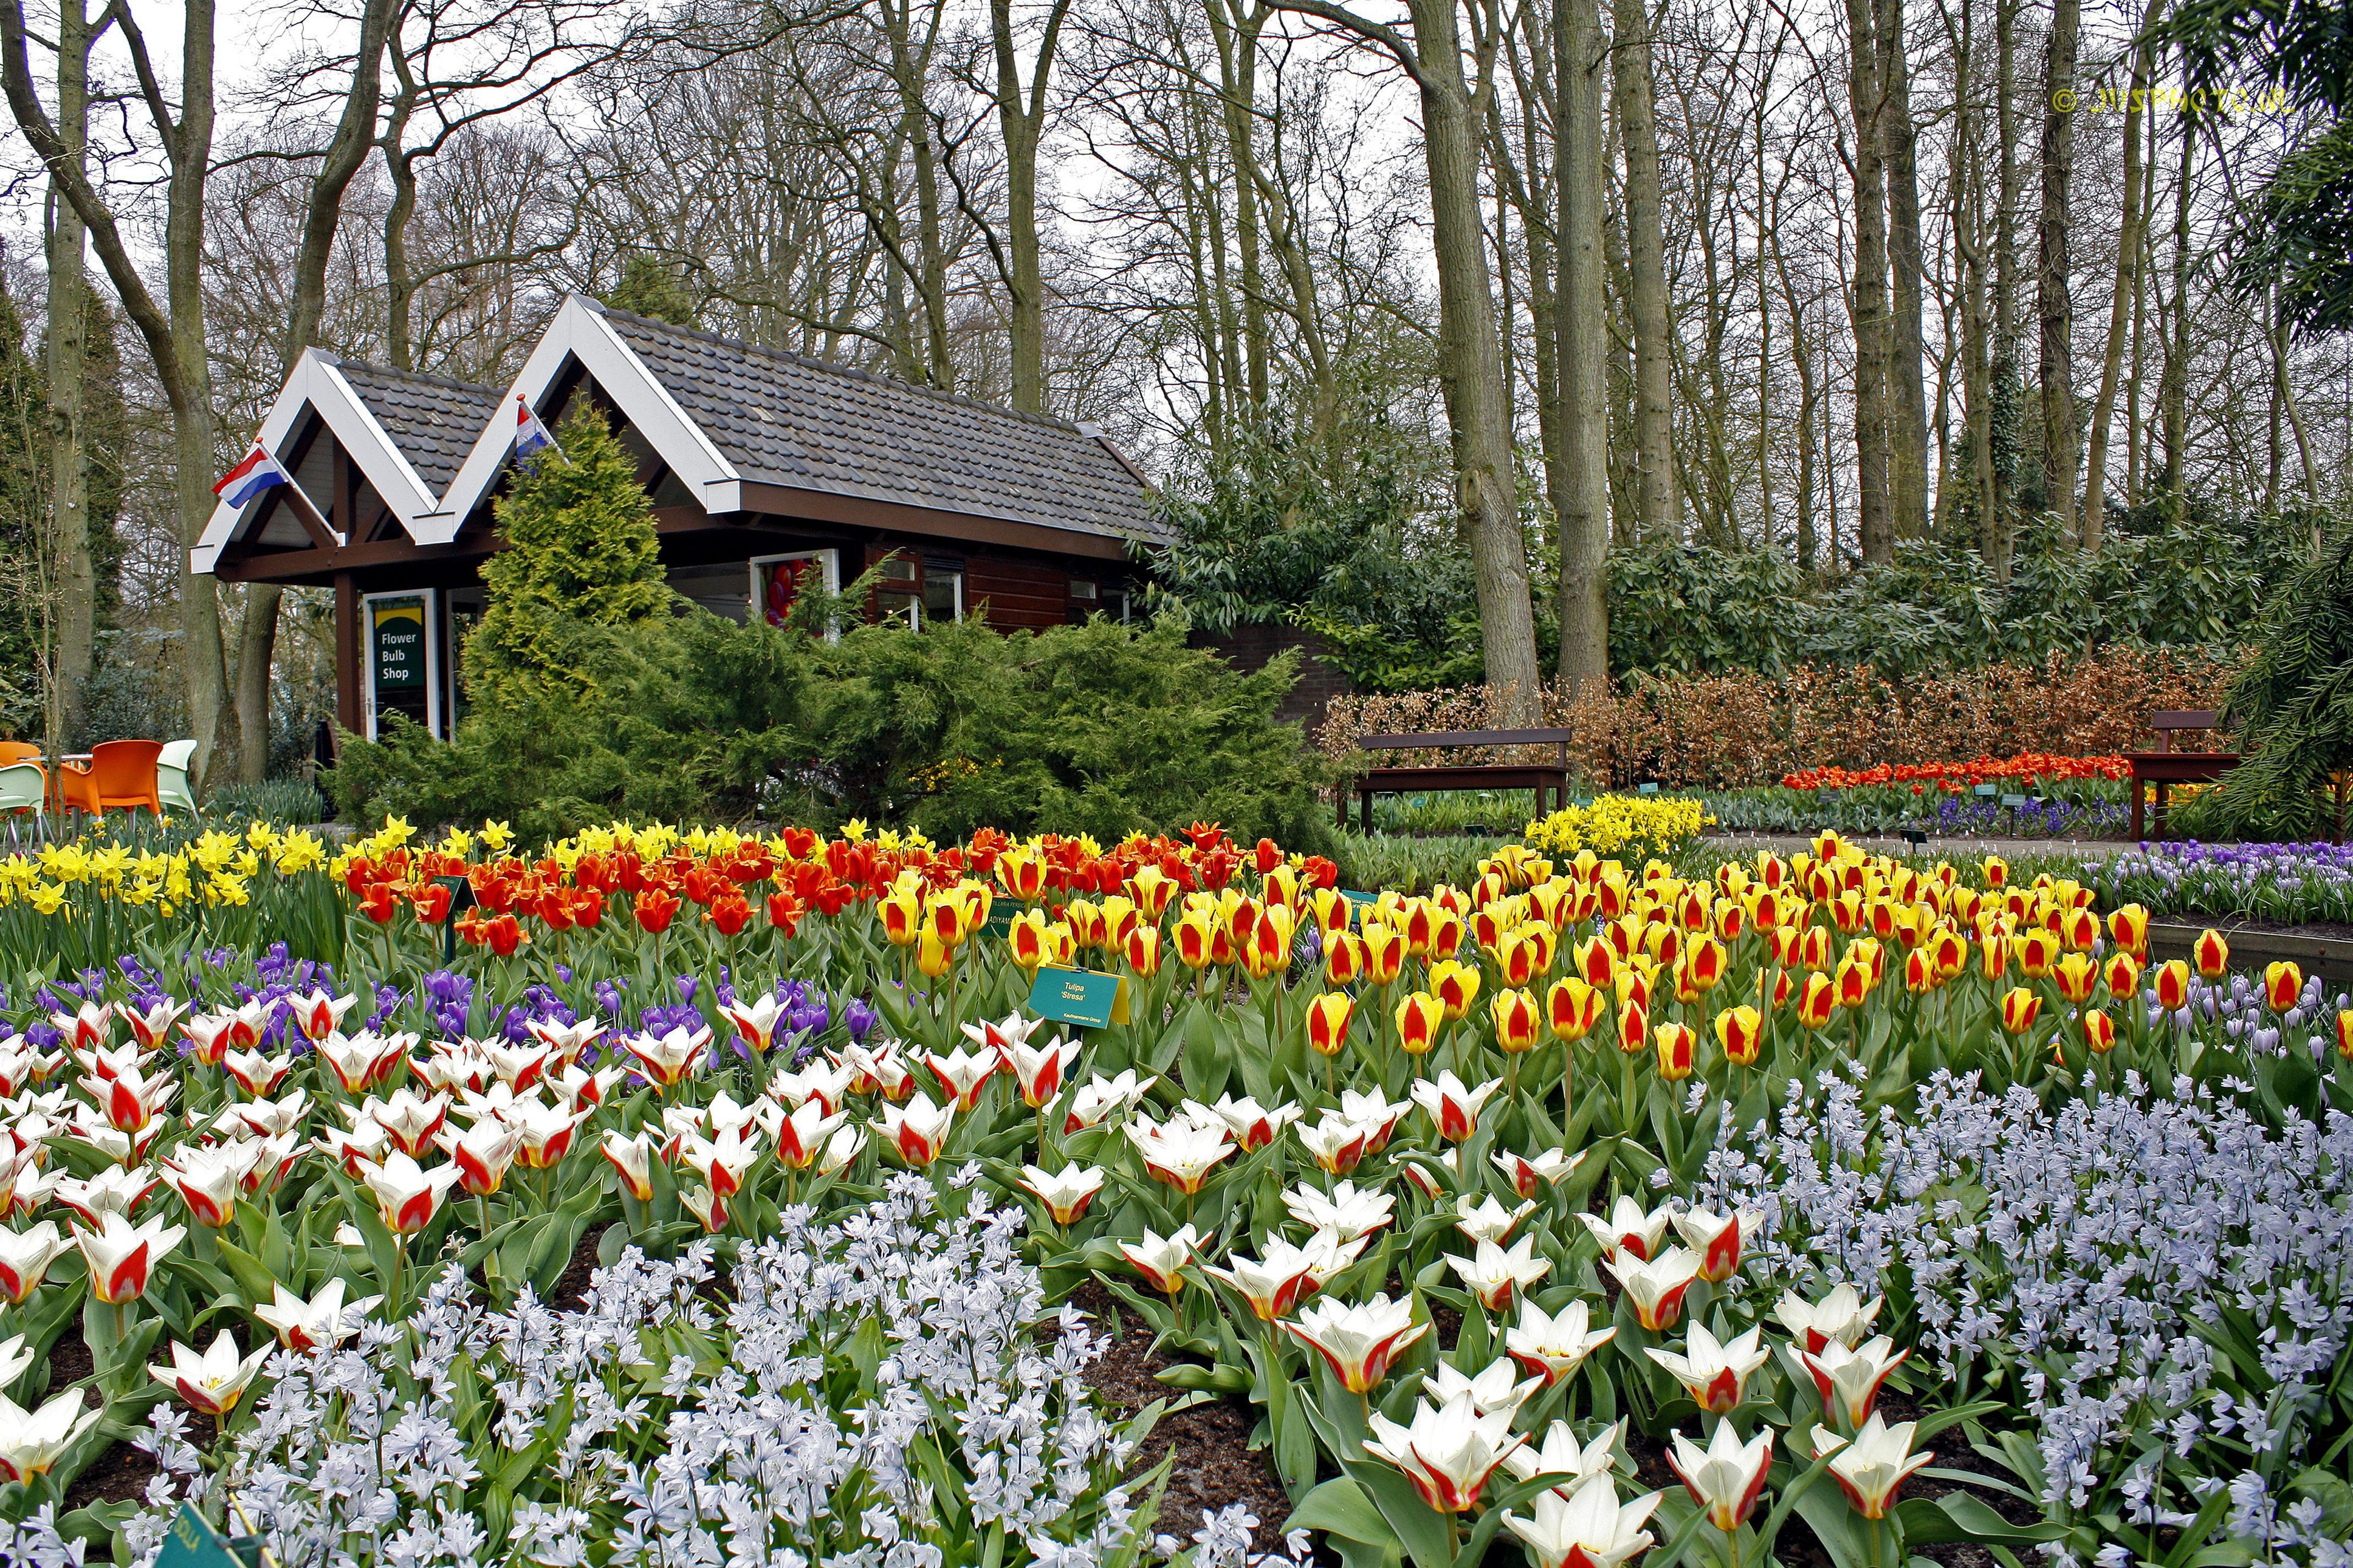 Netherlands_Parks_Tulips_Keukenhof_52378